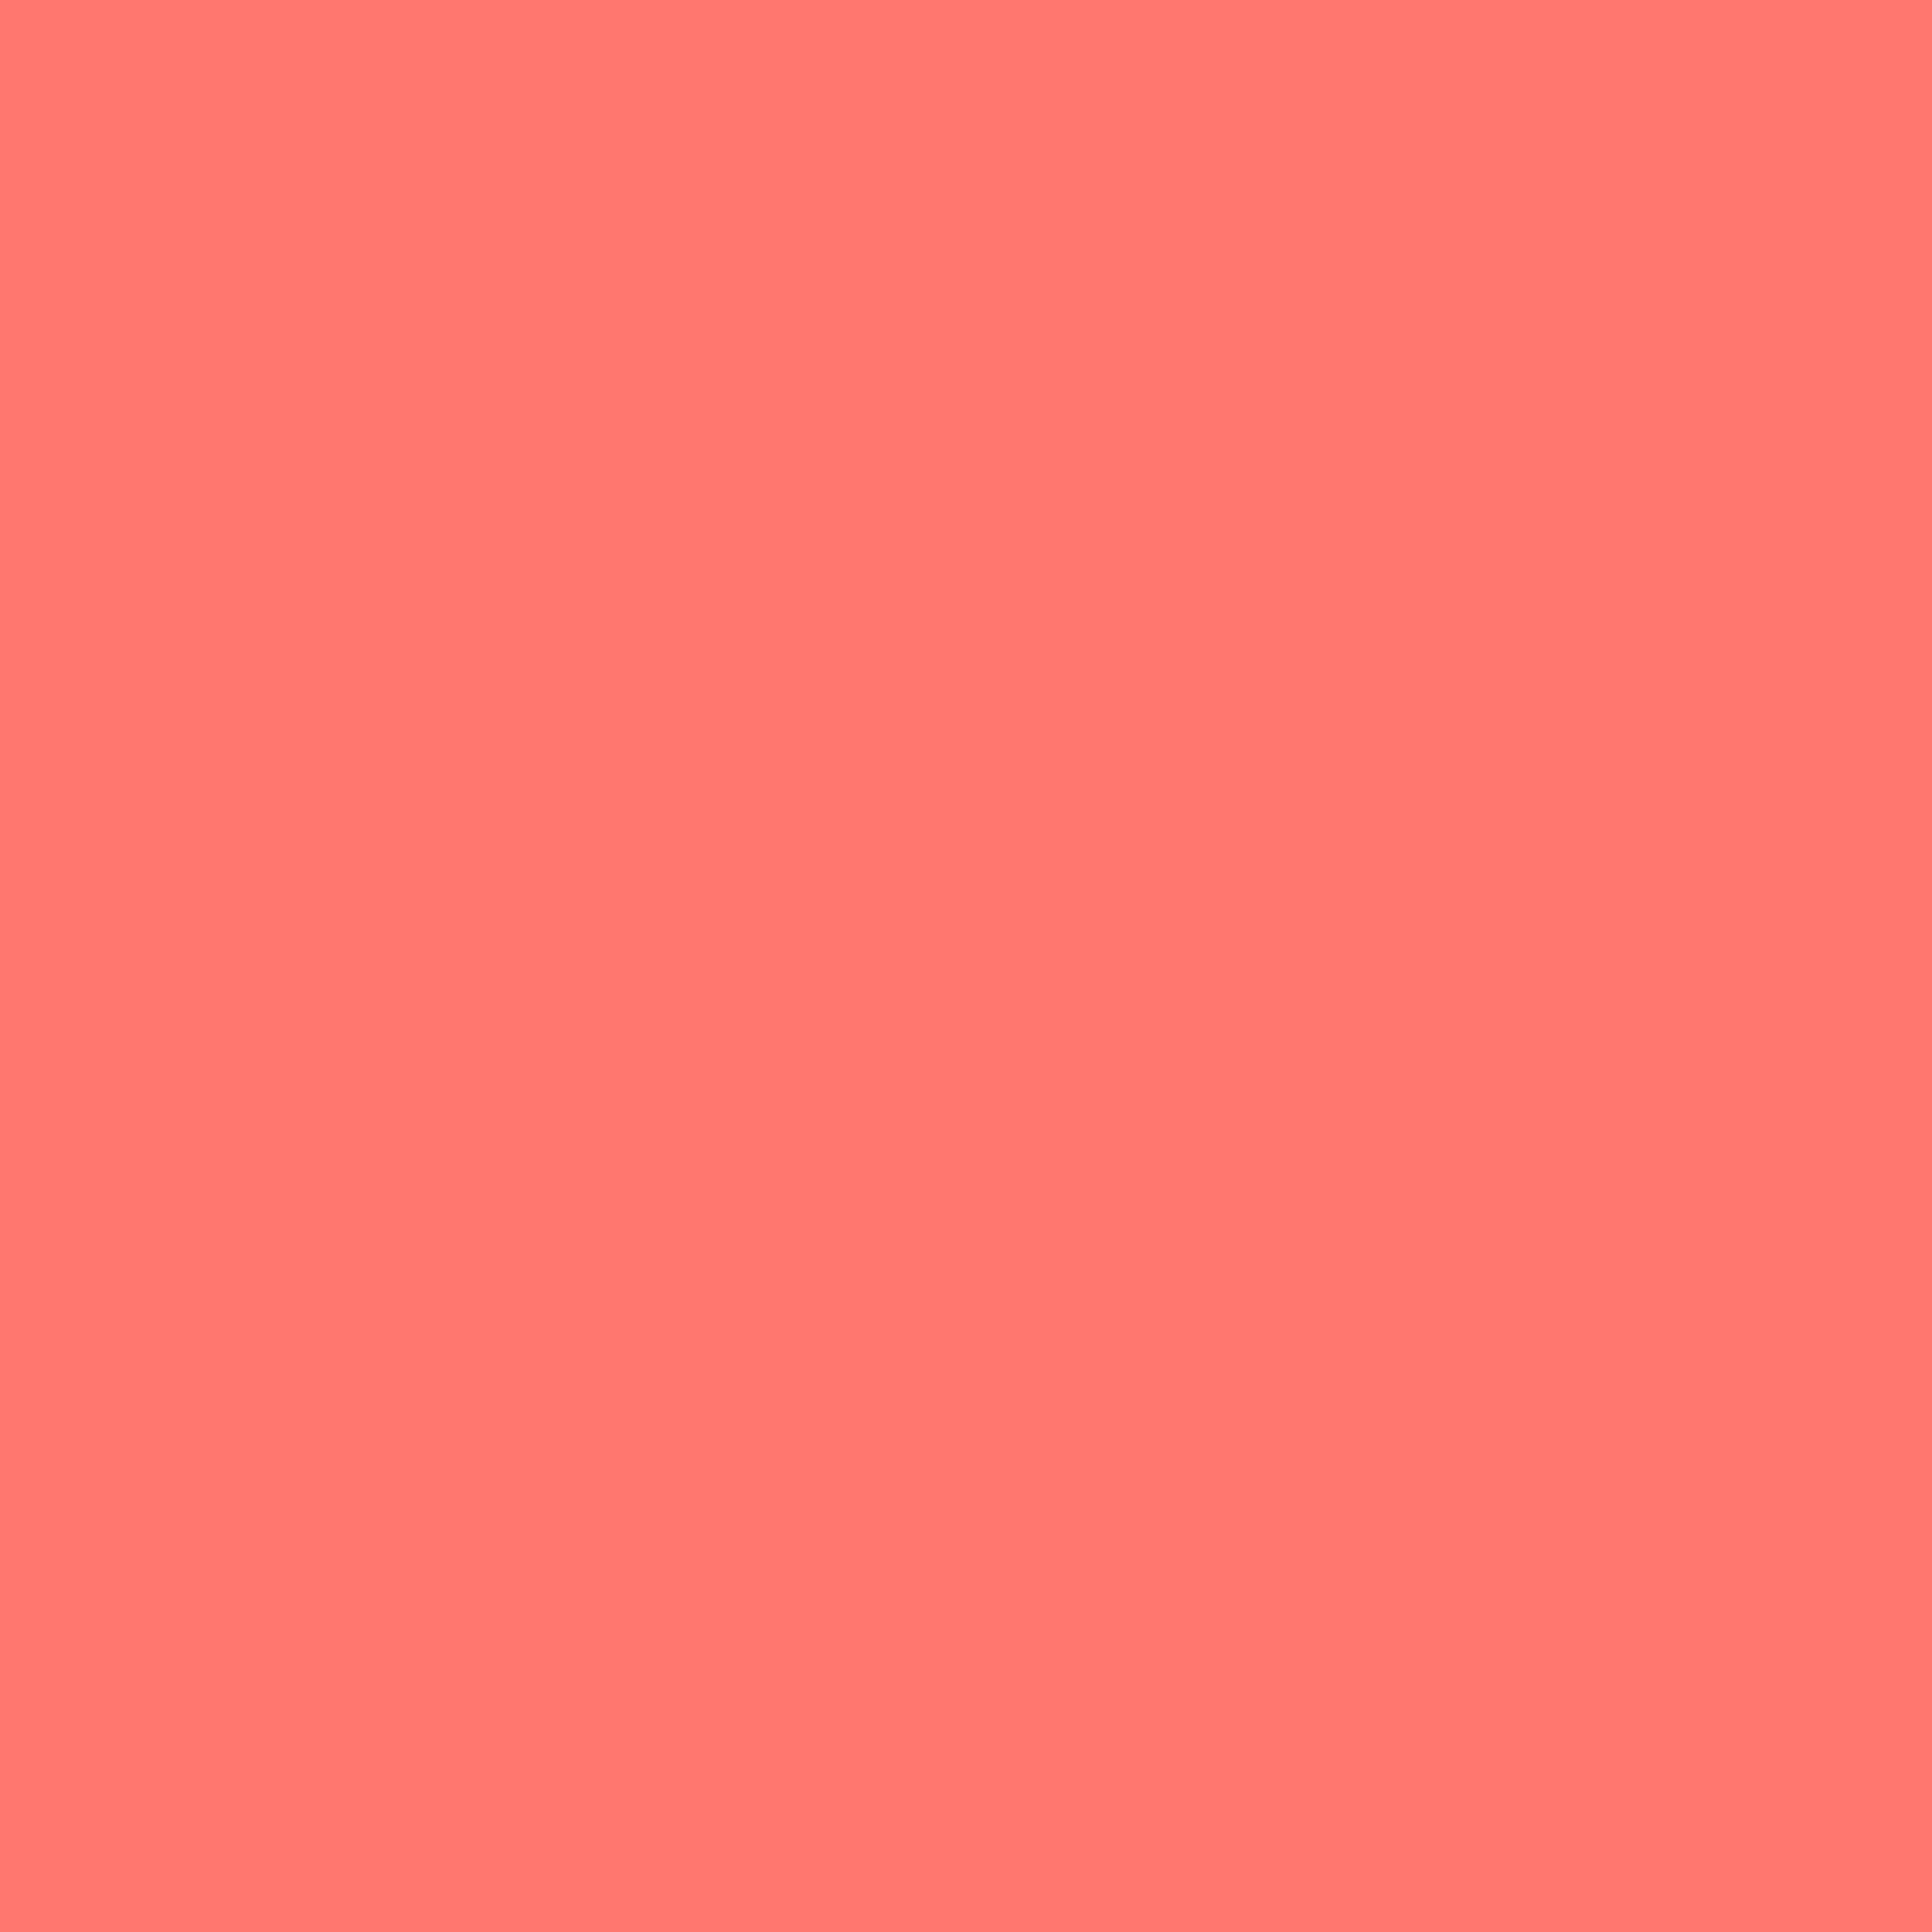 Galaxy Samsung Stock Orange Fire Gradation Blur ipad air wallpaper ilikewallpaper com